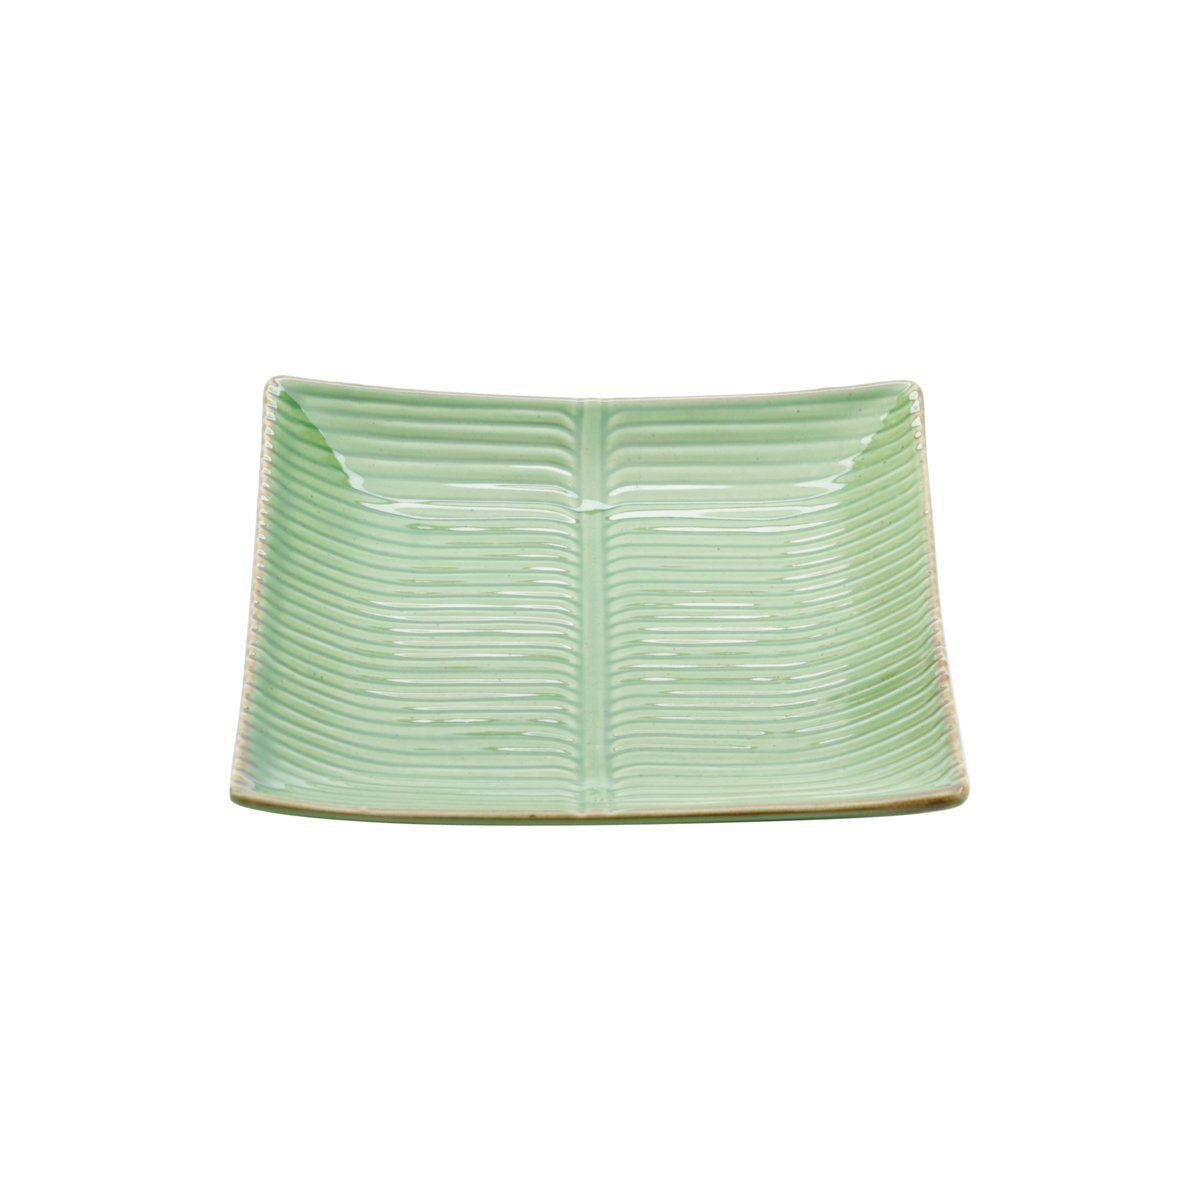 Folha decorativa 21,5 x 21,5 cm de cerâmica verde Banana Leaf Lyor - L4129